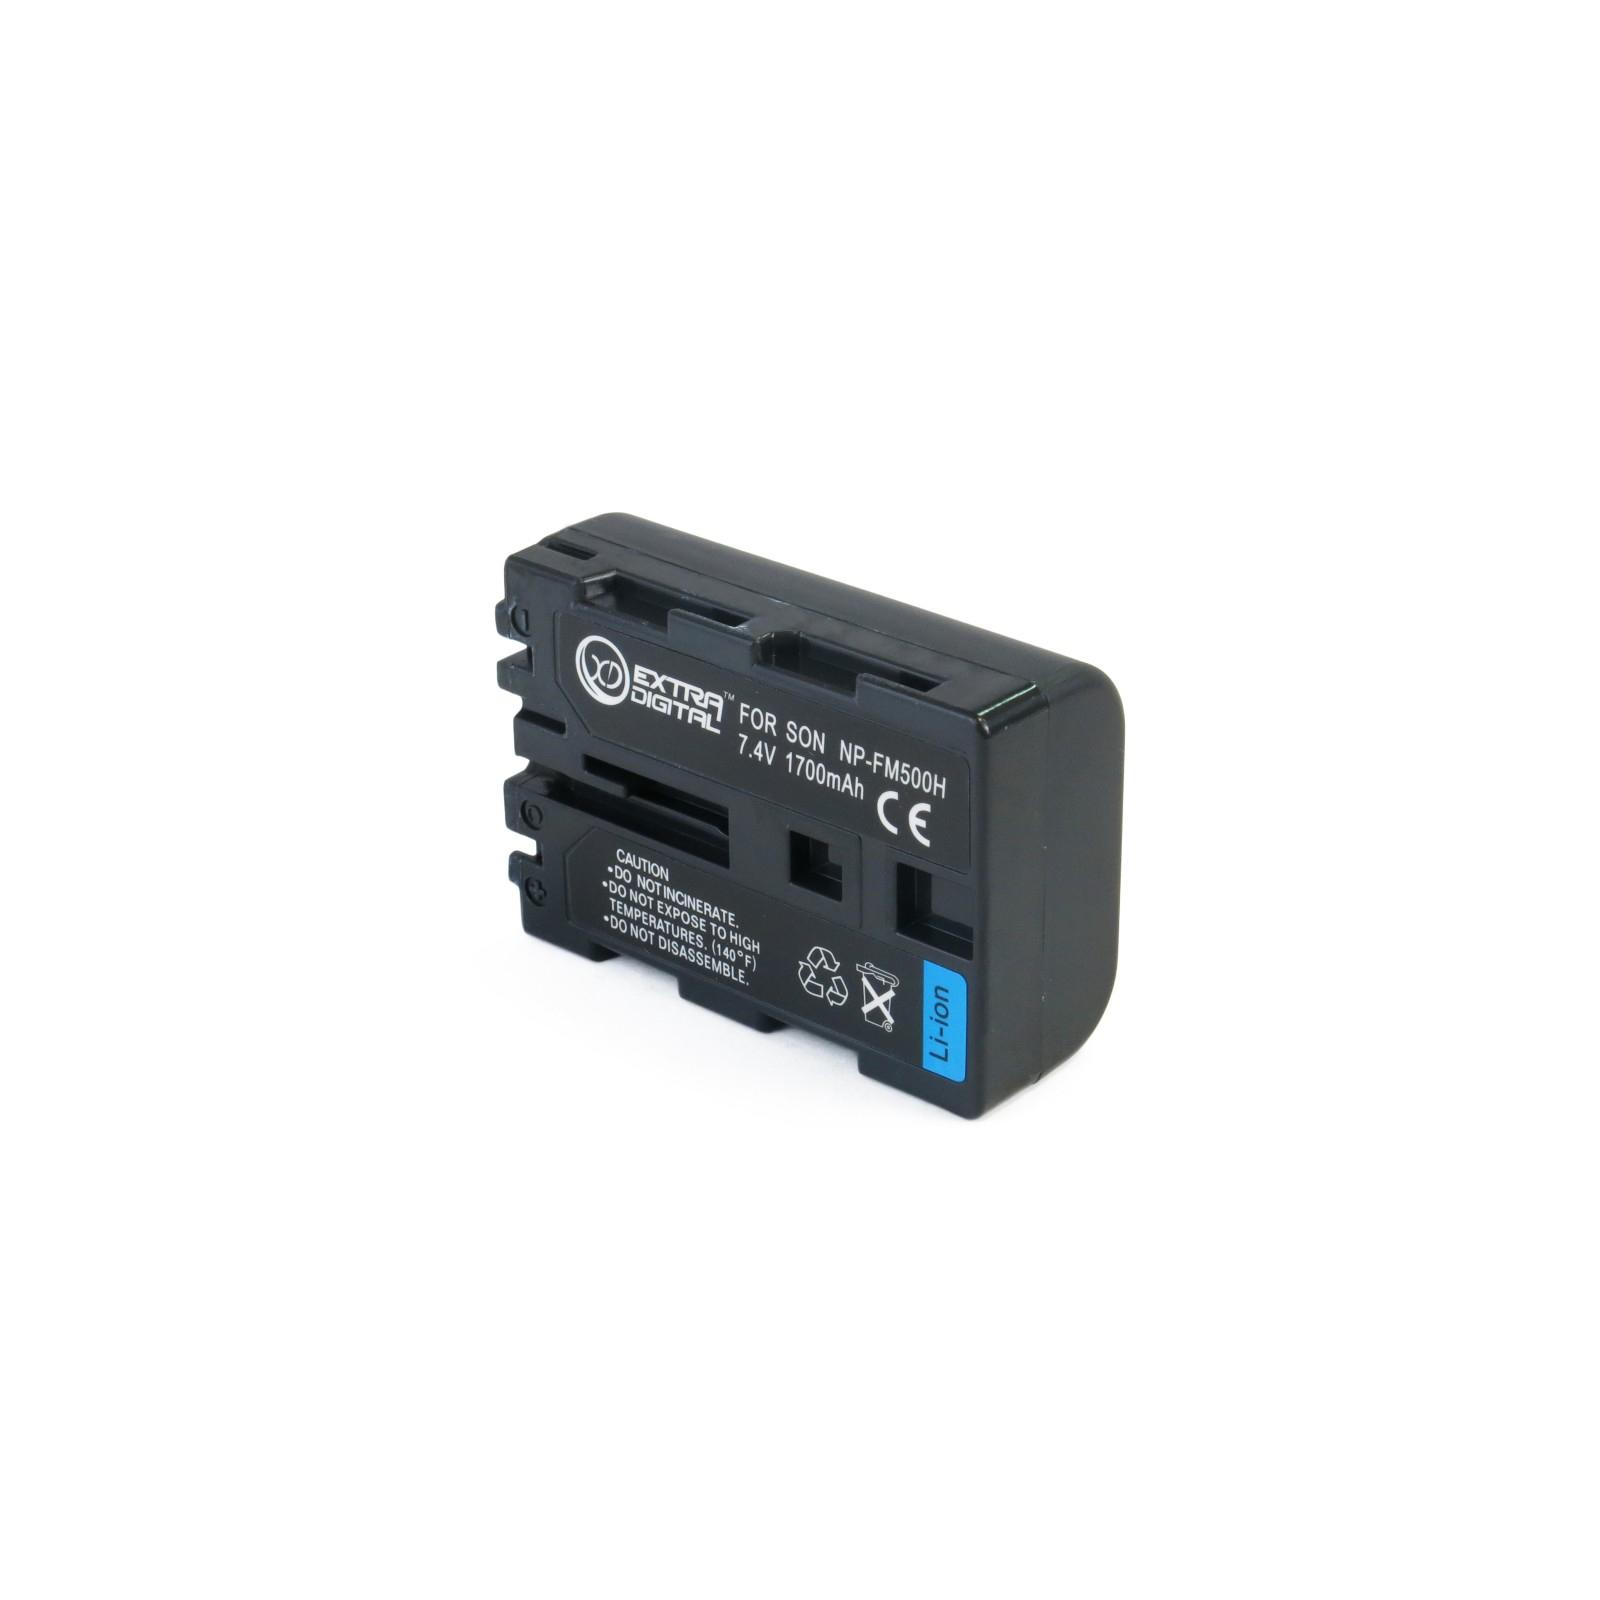 Аккумулятор к фото/видео EXTRADIGITAL Sony NP-FM500H (BDS2664) изображение 2